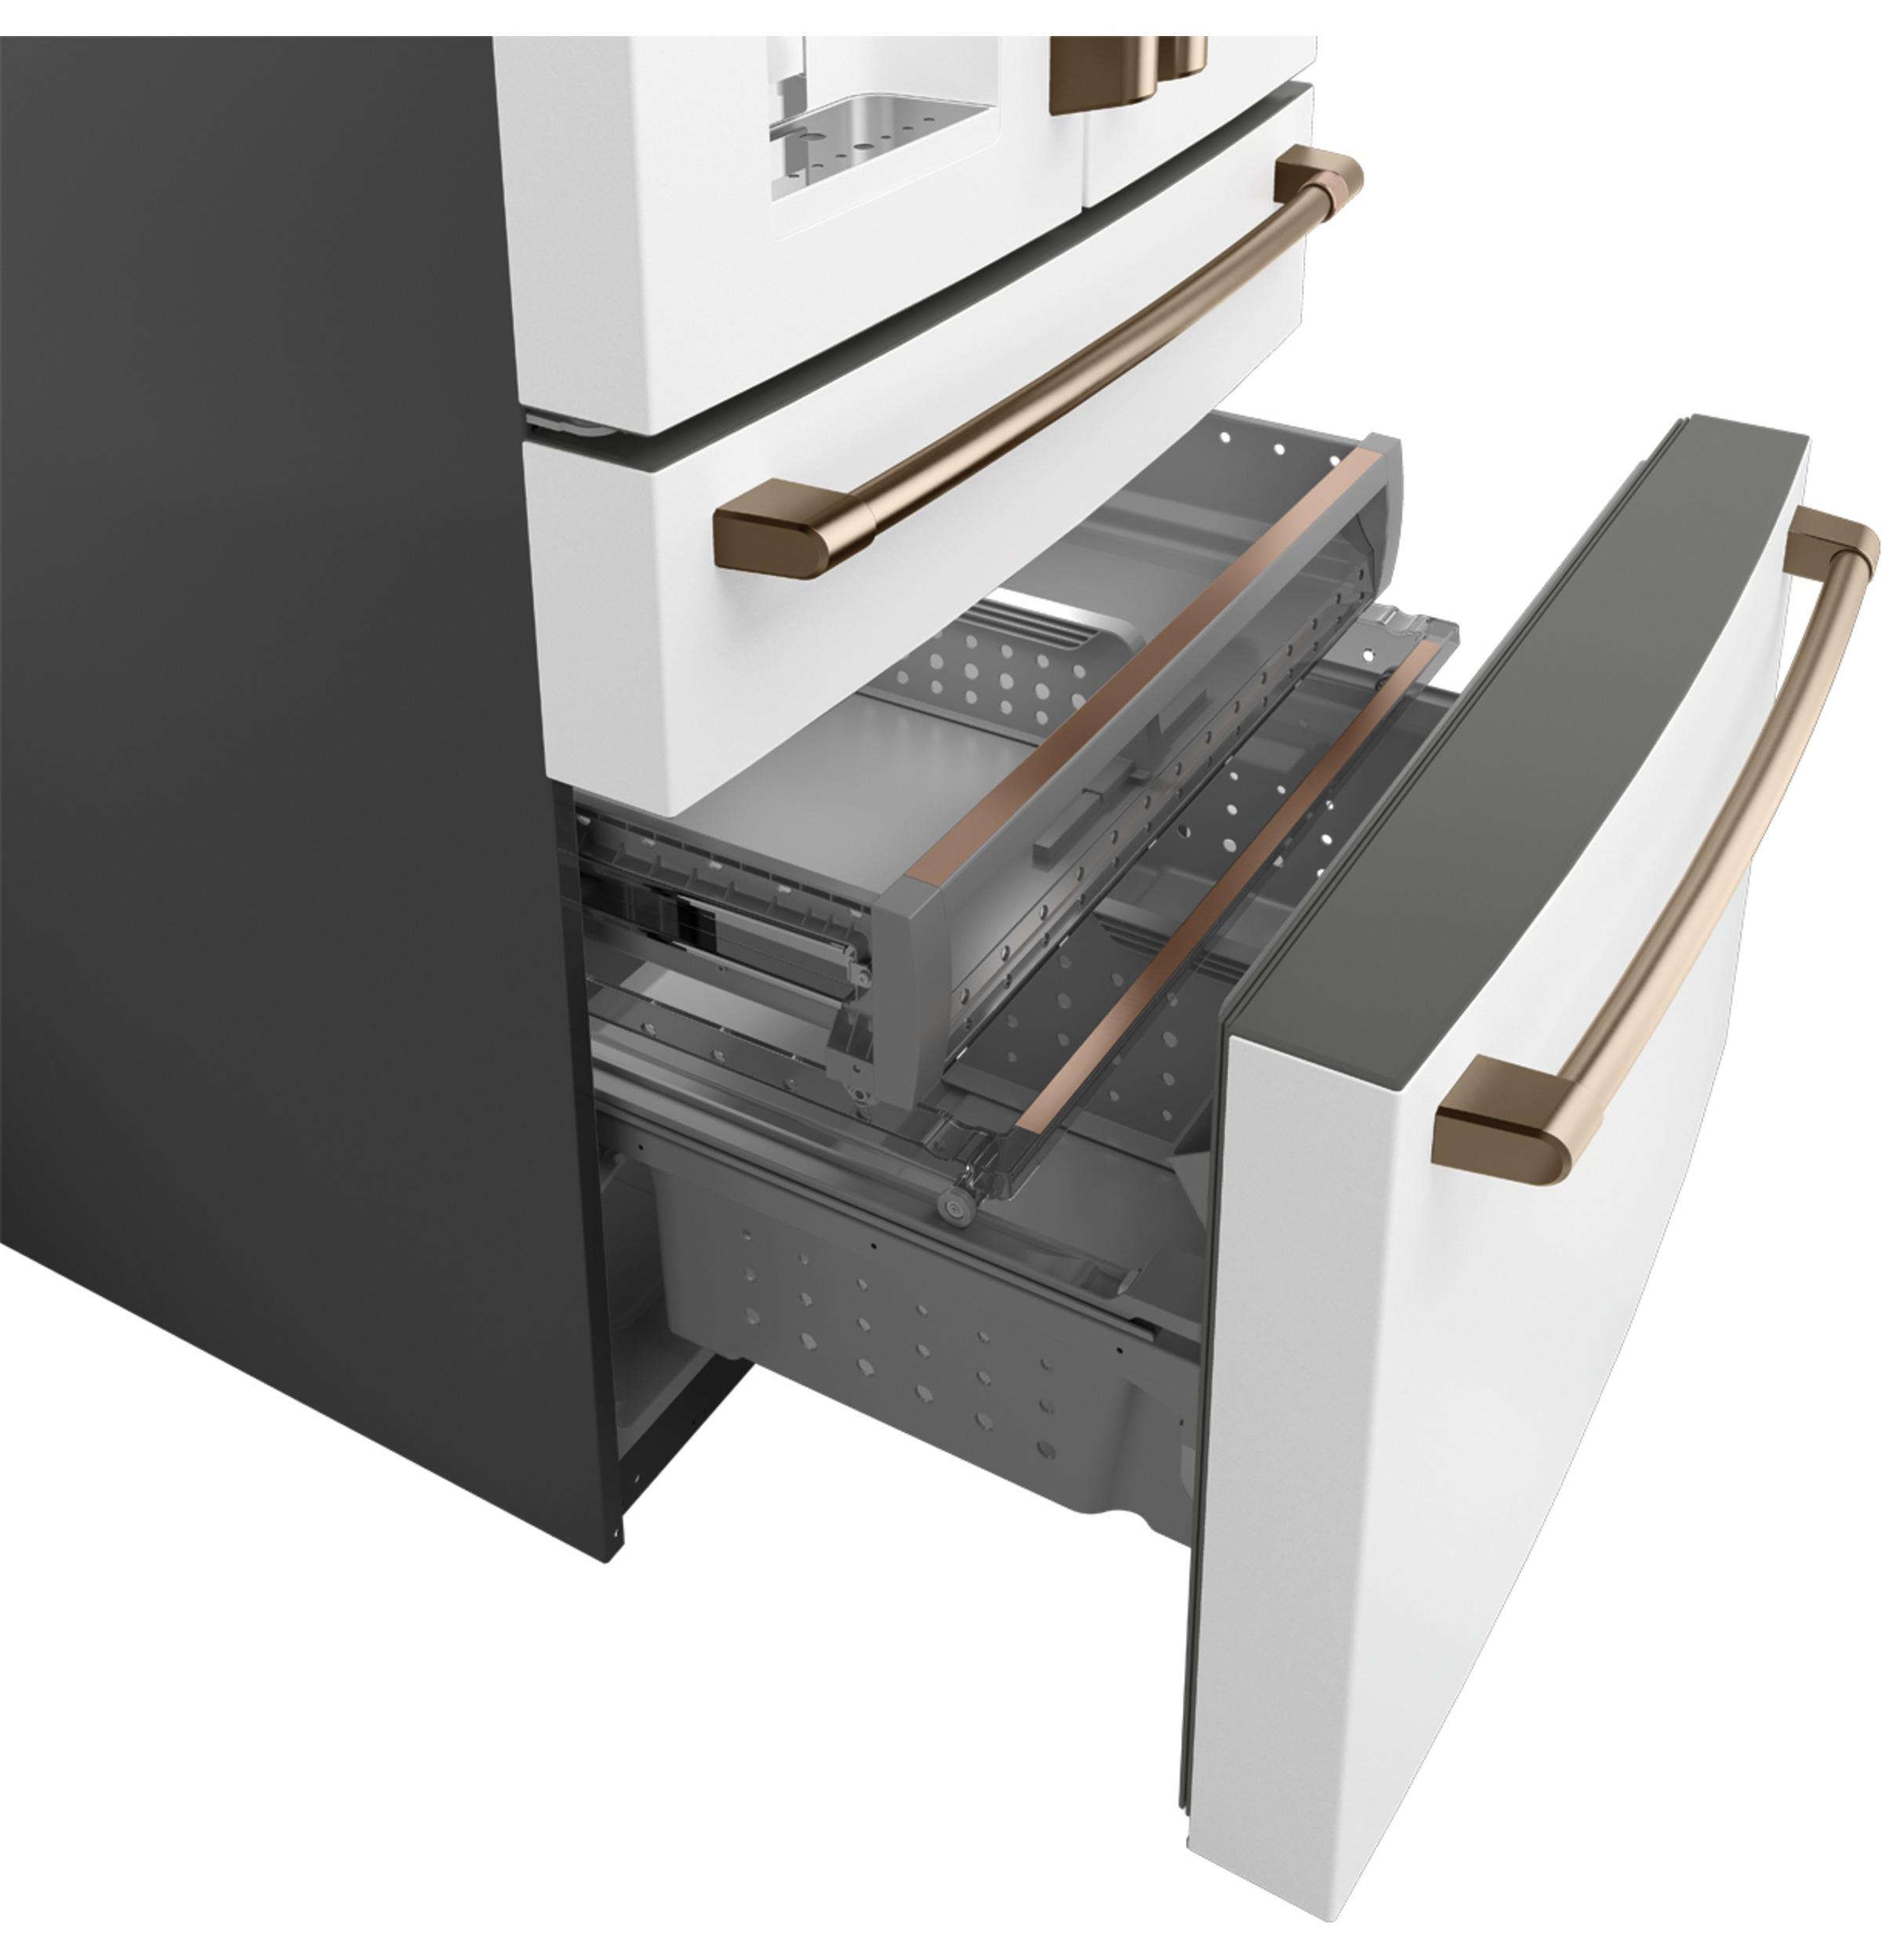 Model: CVE28DP4NW2 | Cafe Café™ ENERGY STAR® 27.8 Cu. Ft. Smart 4-Door French-Door Refrigerator